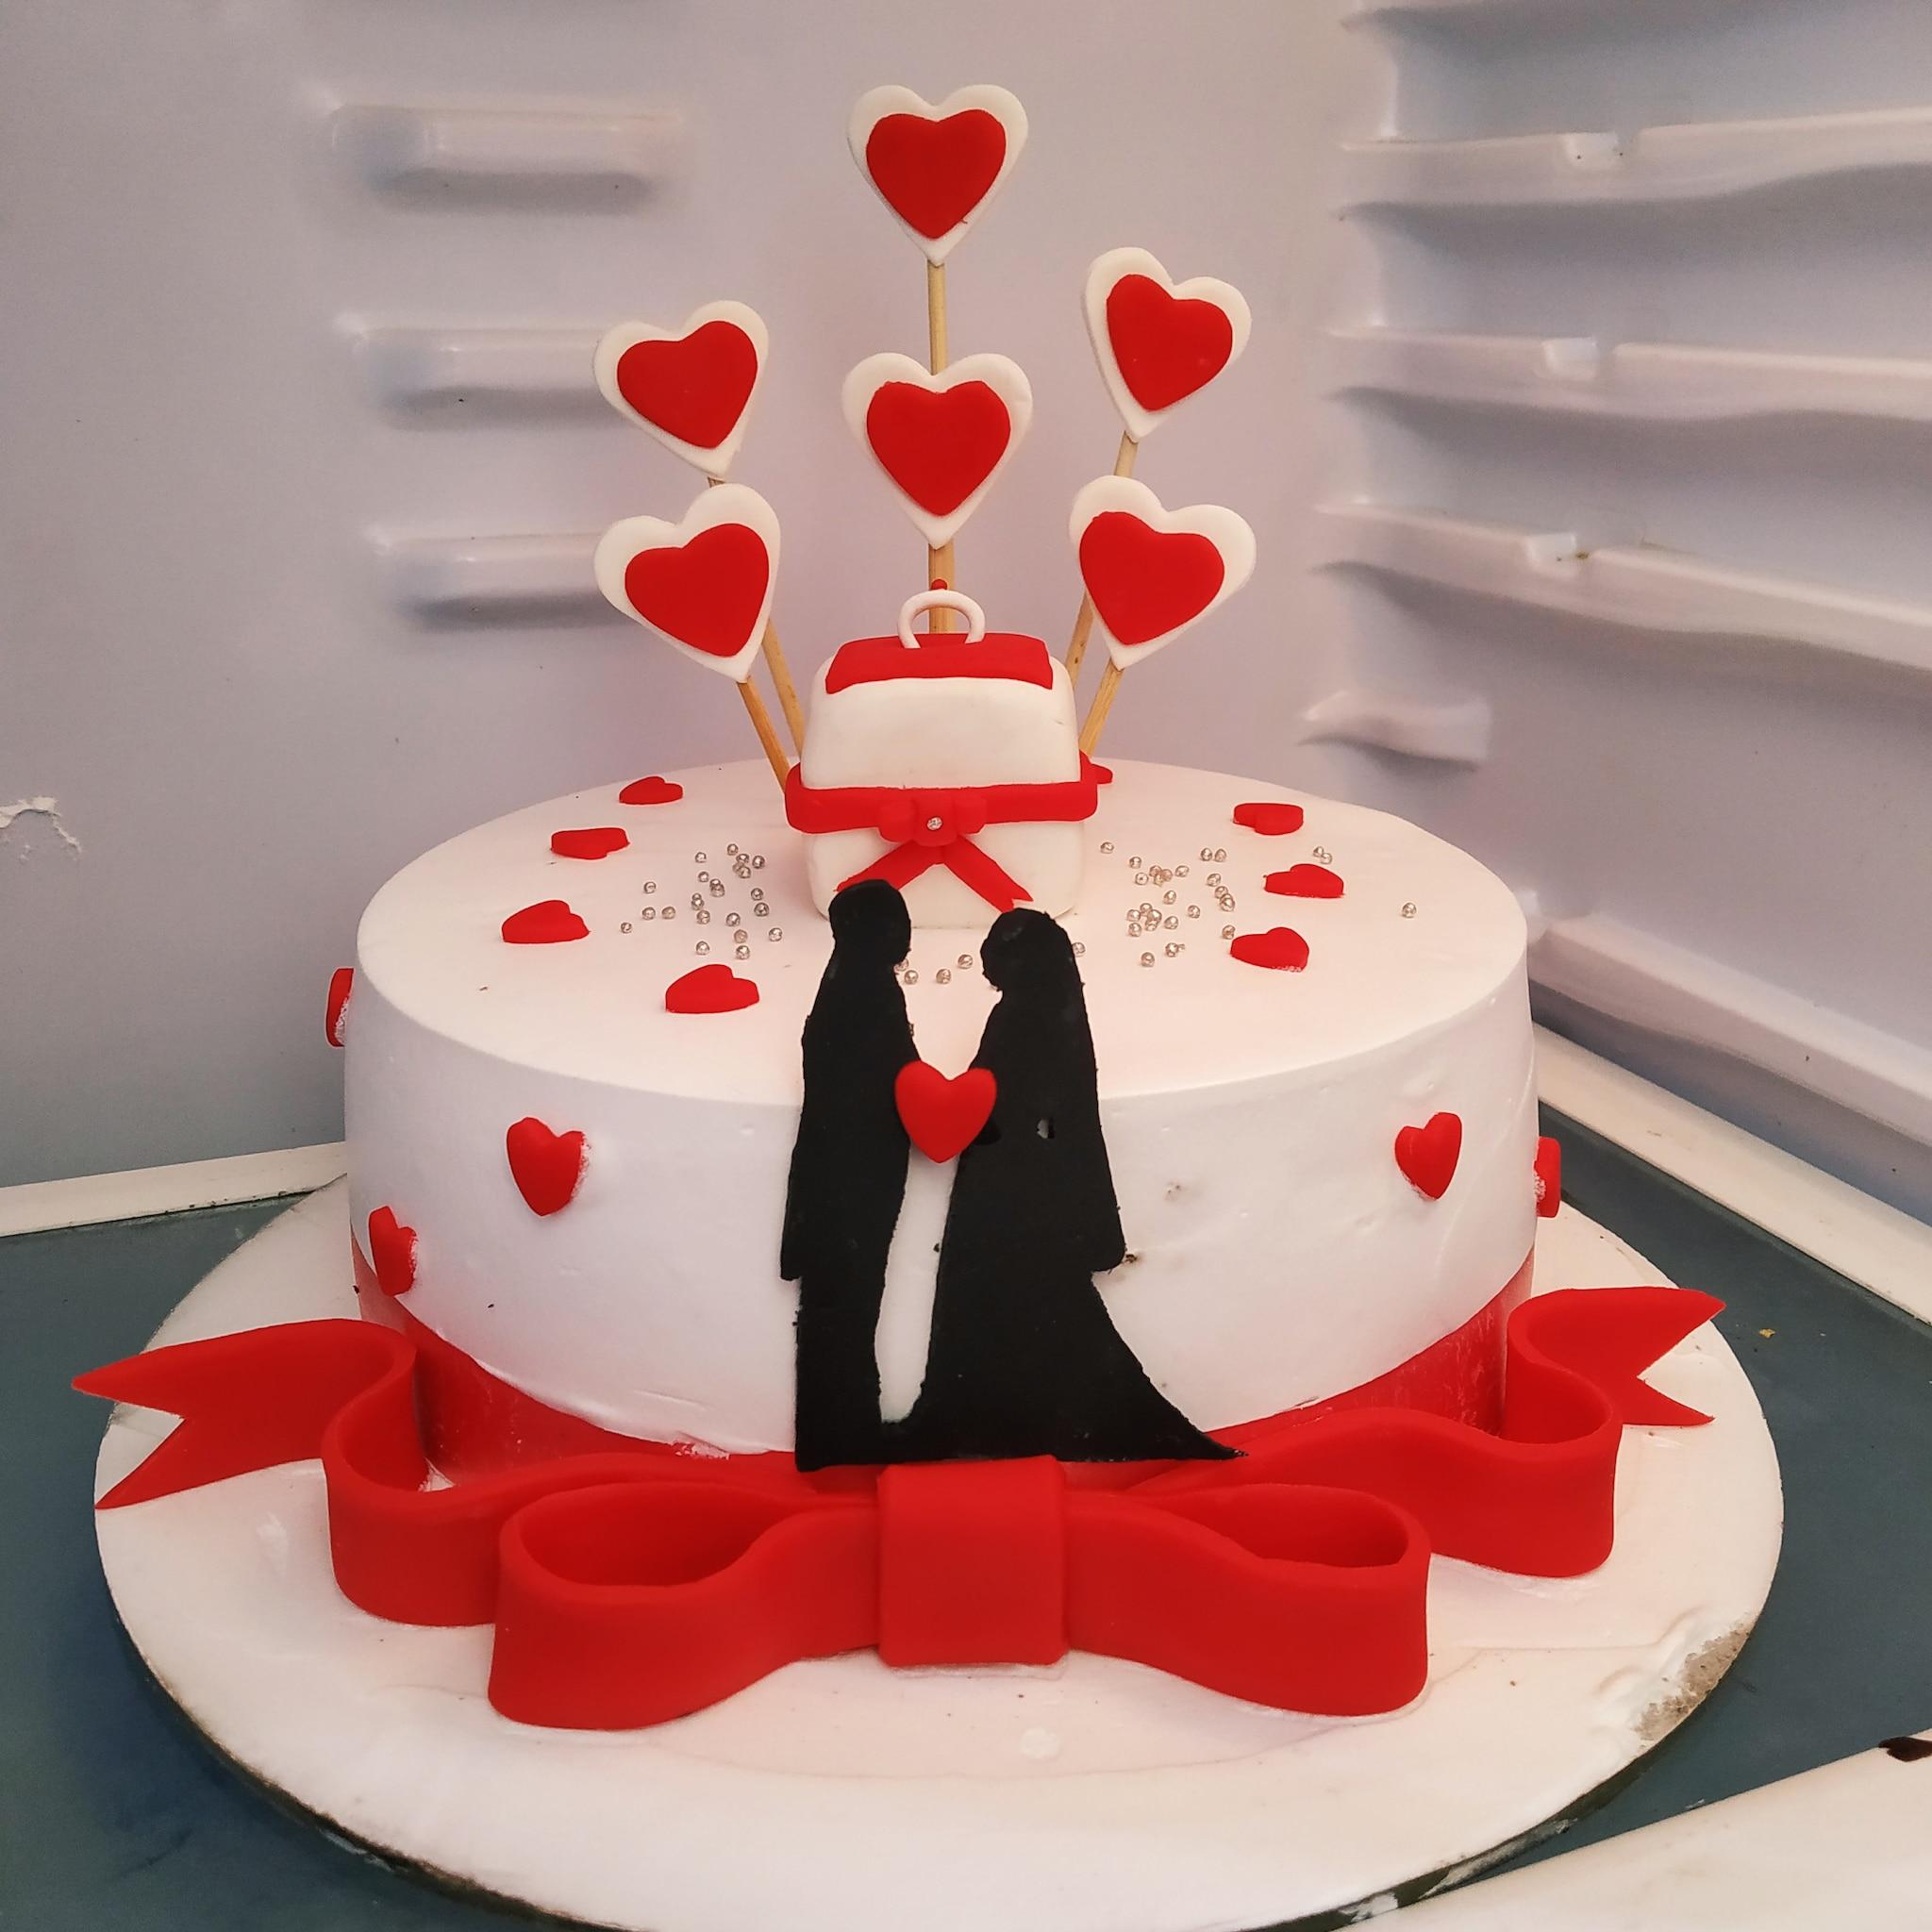 Anniversary Cake (1 Kg,Chocolate)